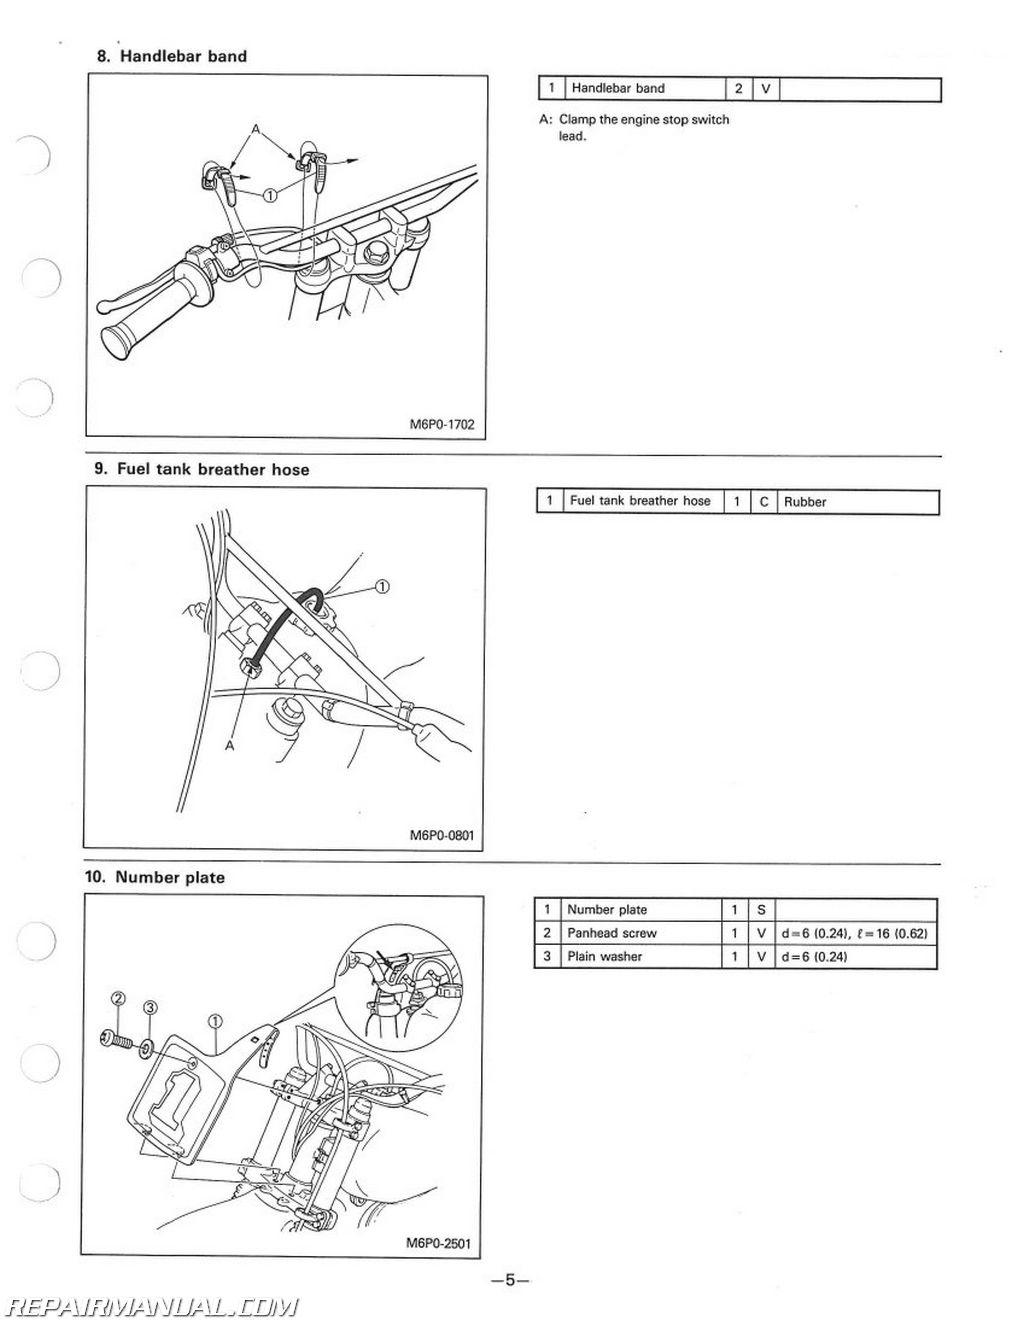 1986 Yamaha Yz125 Wiring Diagram | Wiring Diagram Database on